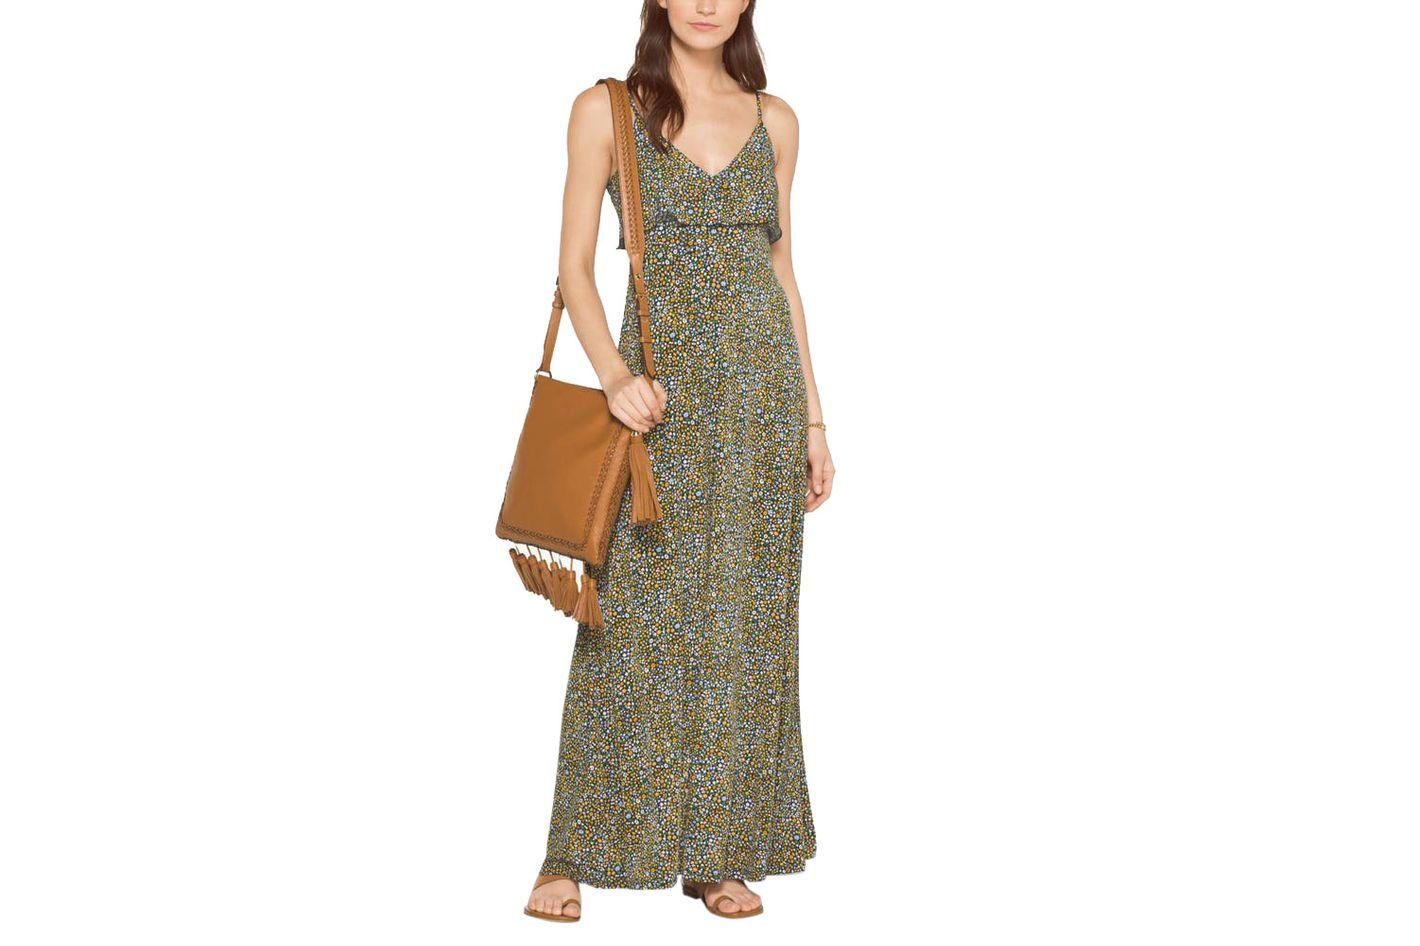 Michael Kors Floral Matte-Jersey Maxi Dress